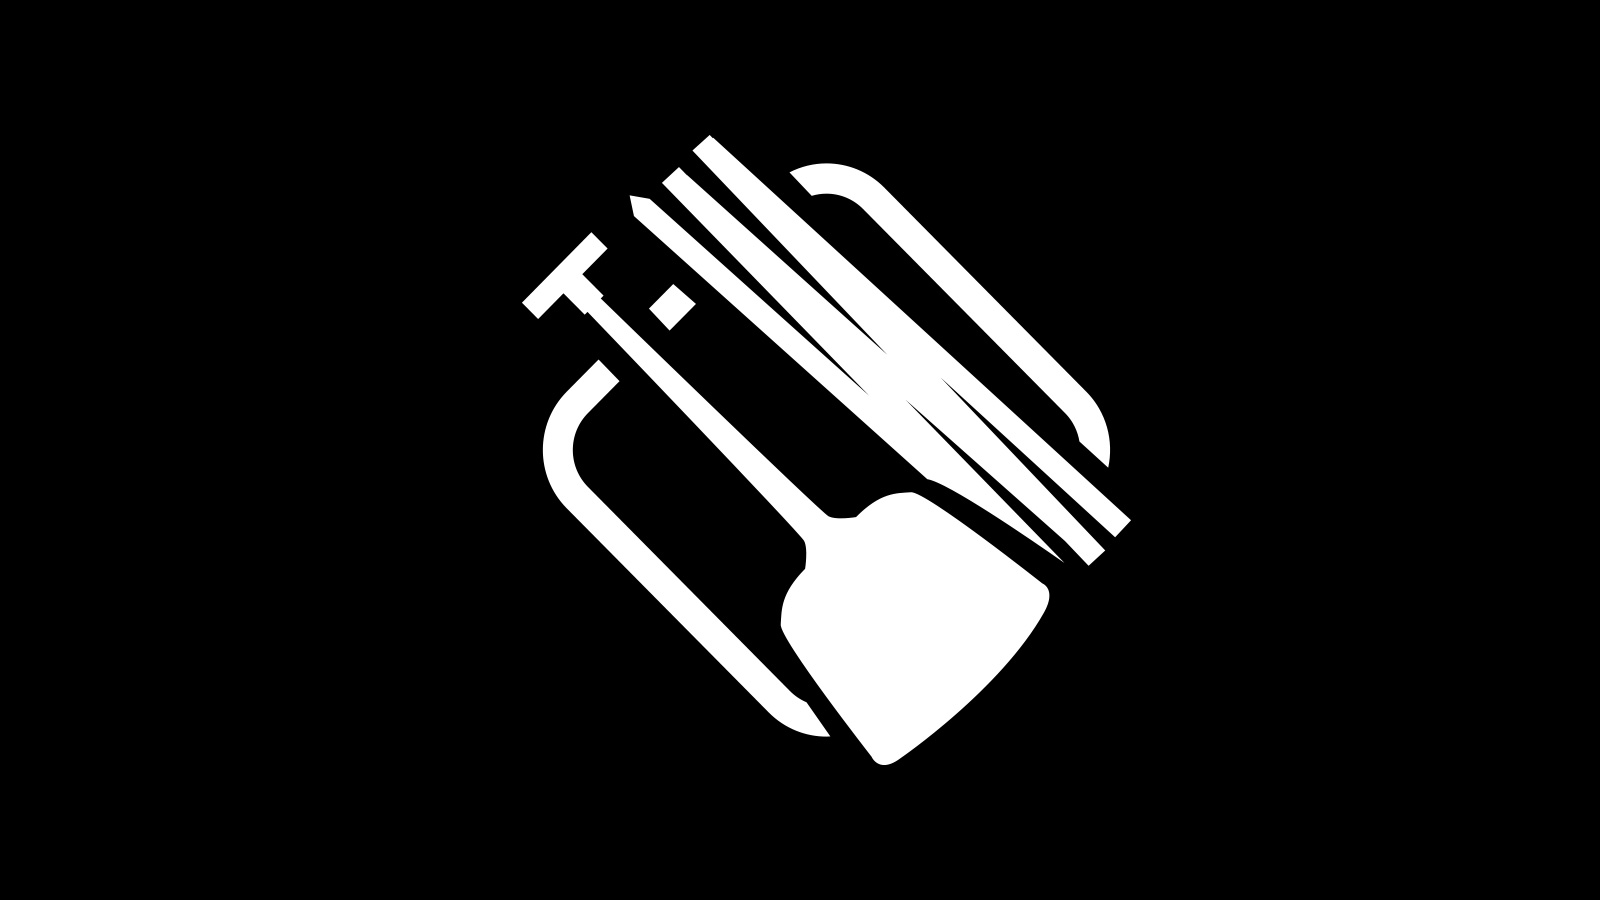 Avalanche Rescue Gear icon